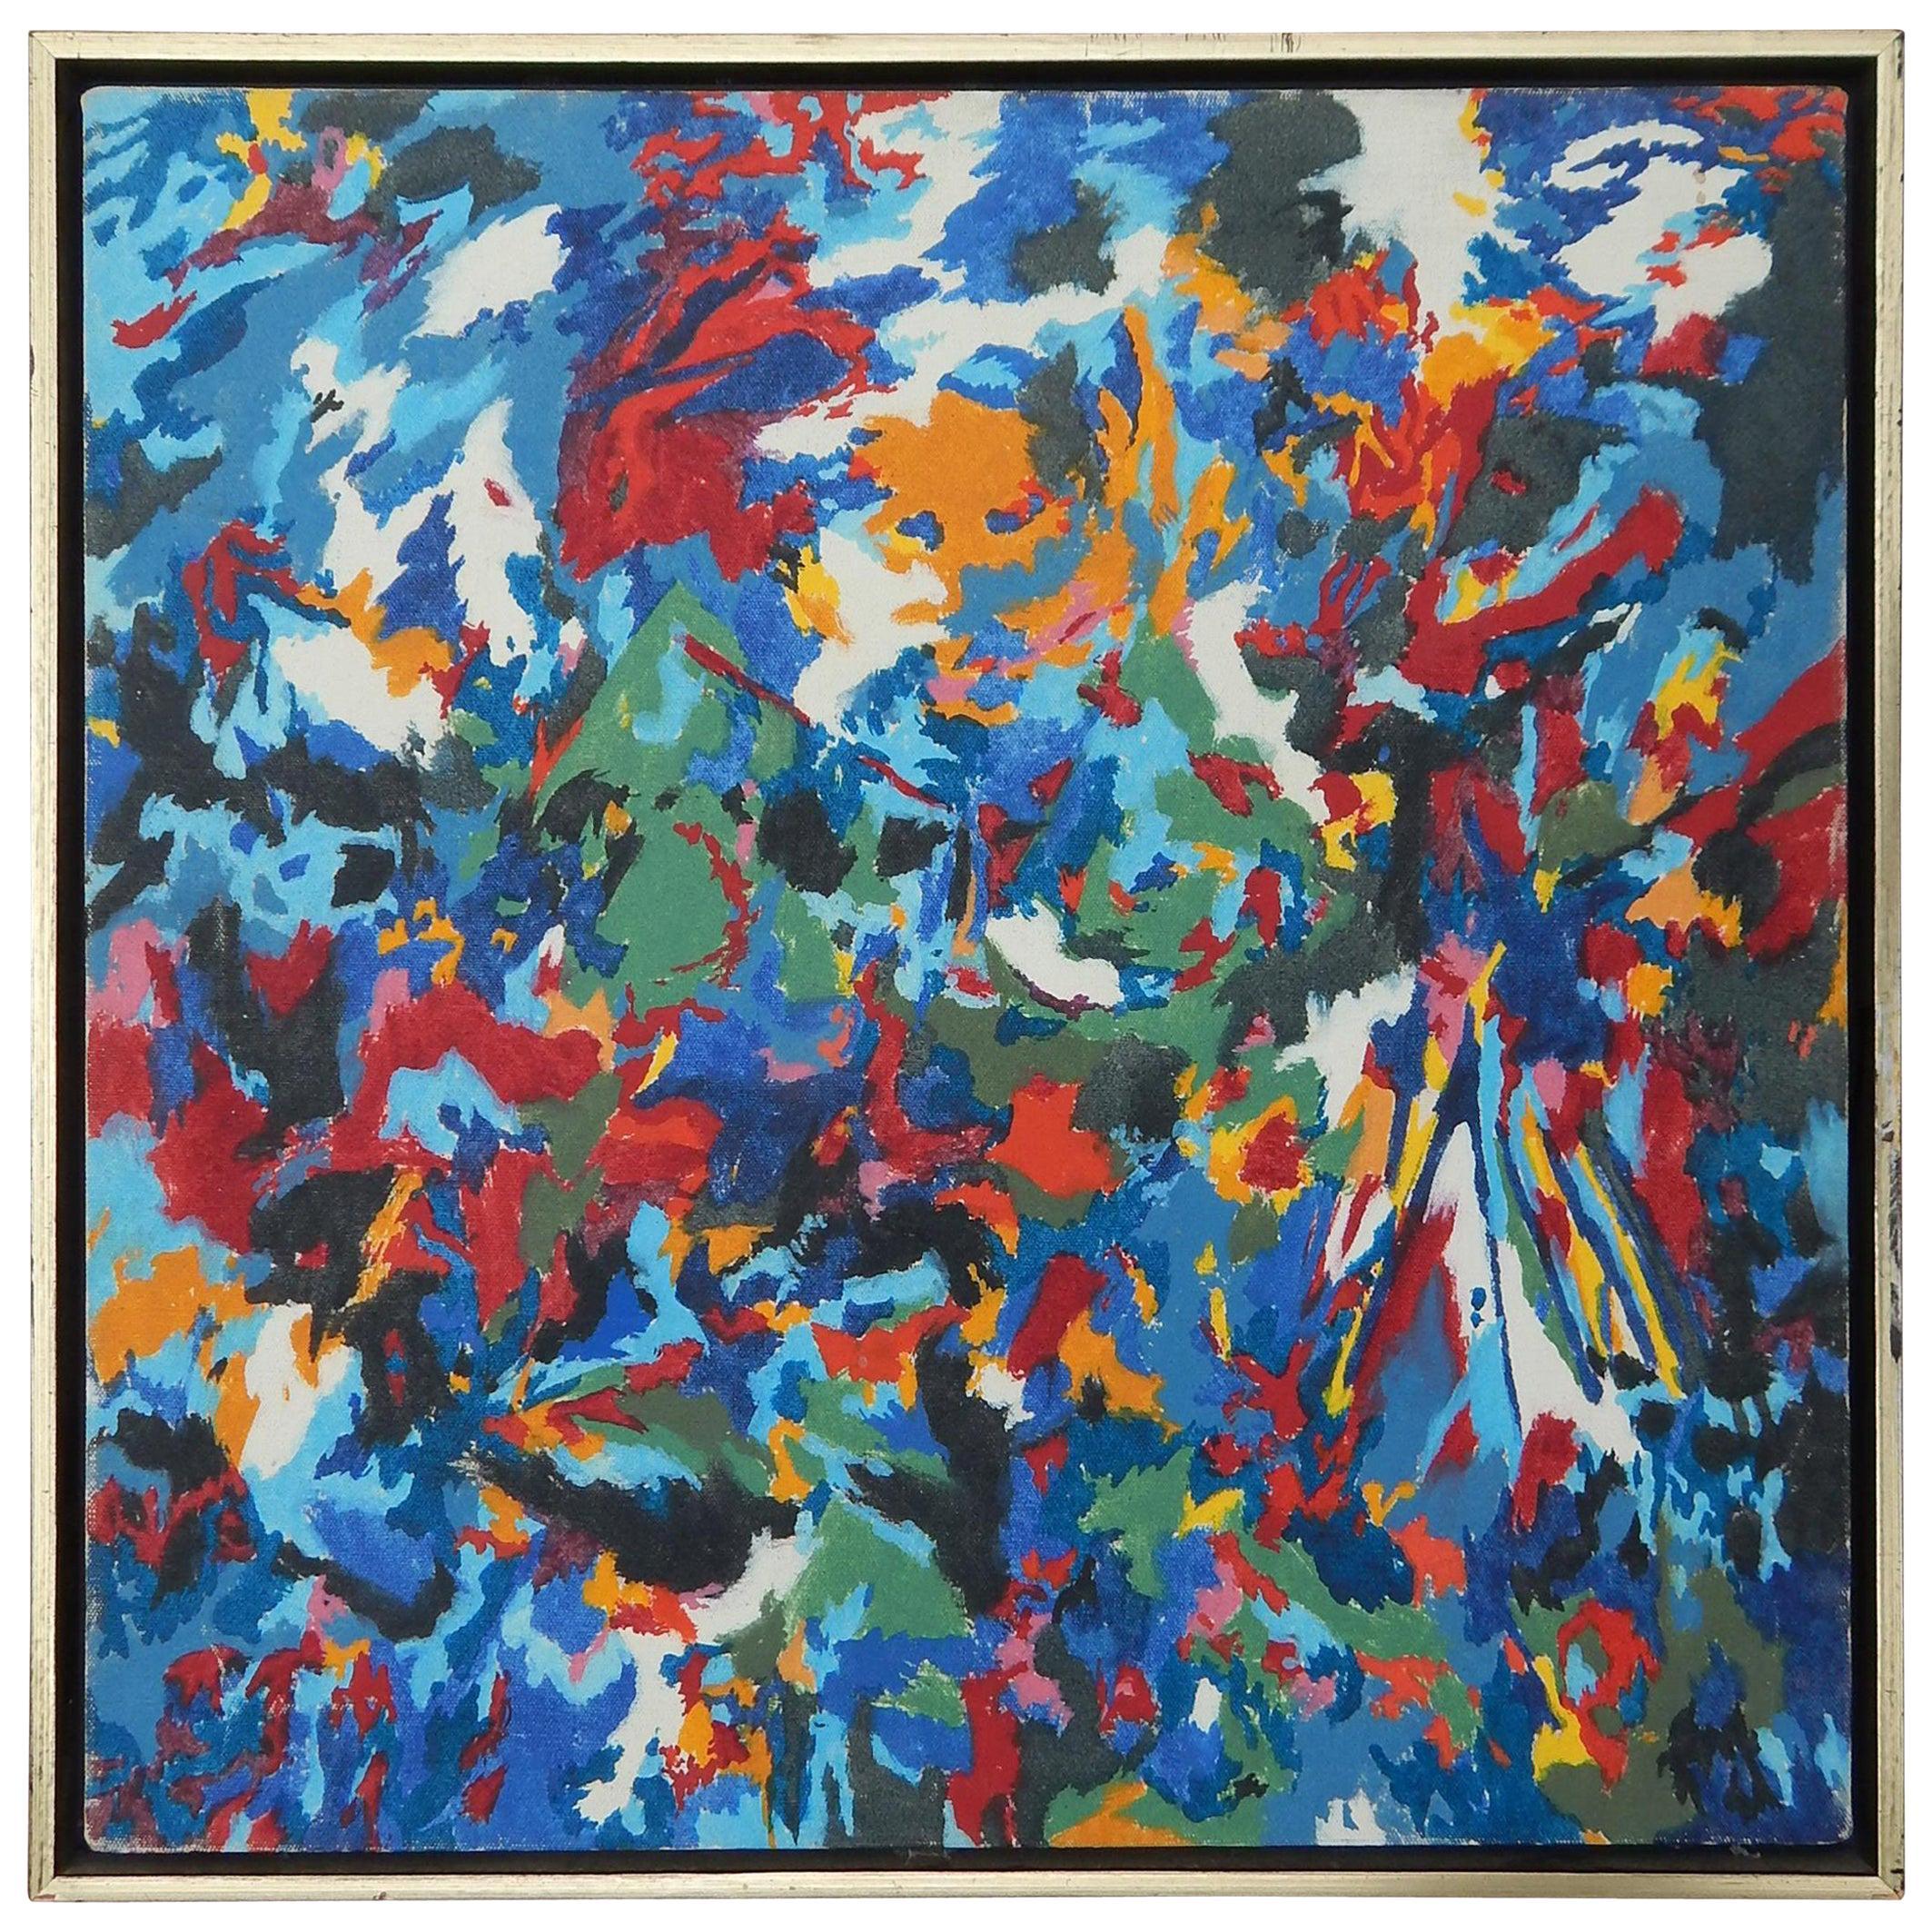 John Harvey McCracken Minimalist Abstract Oil on Canvas, 1973